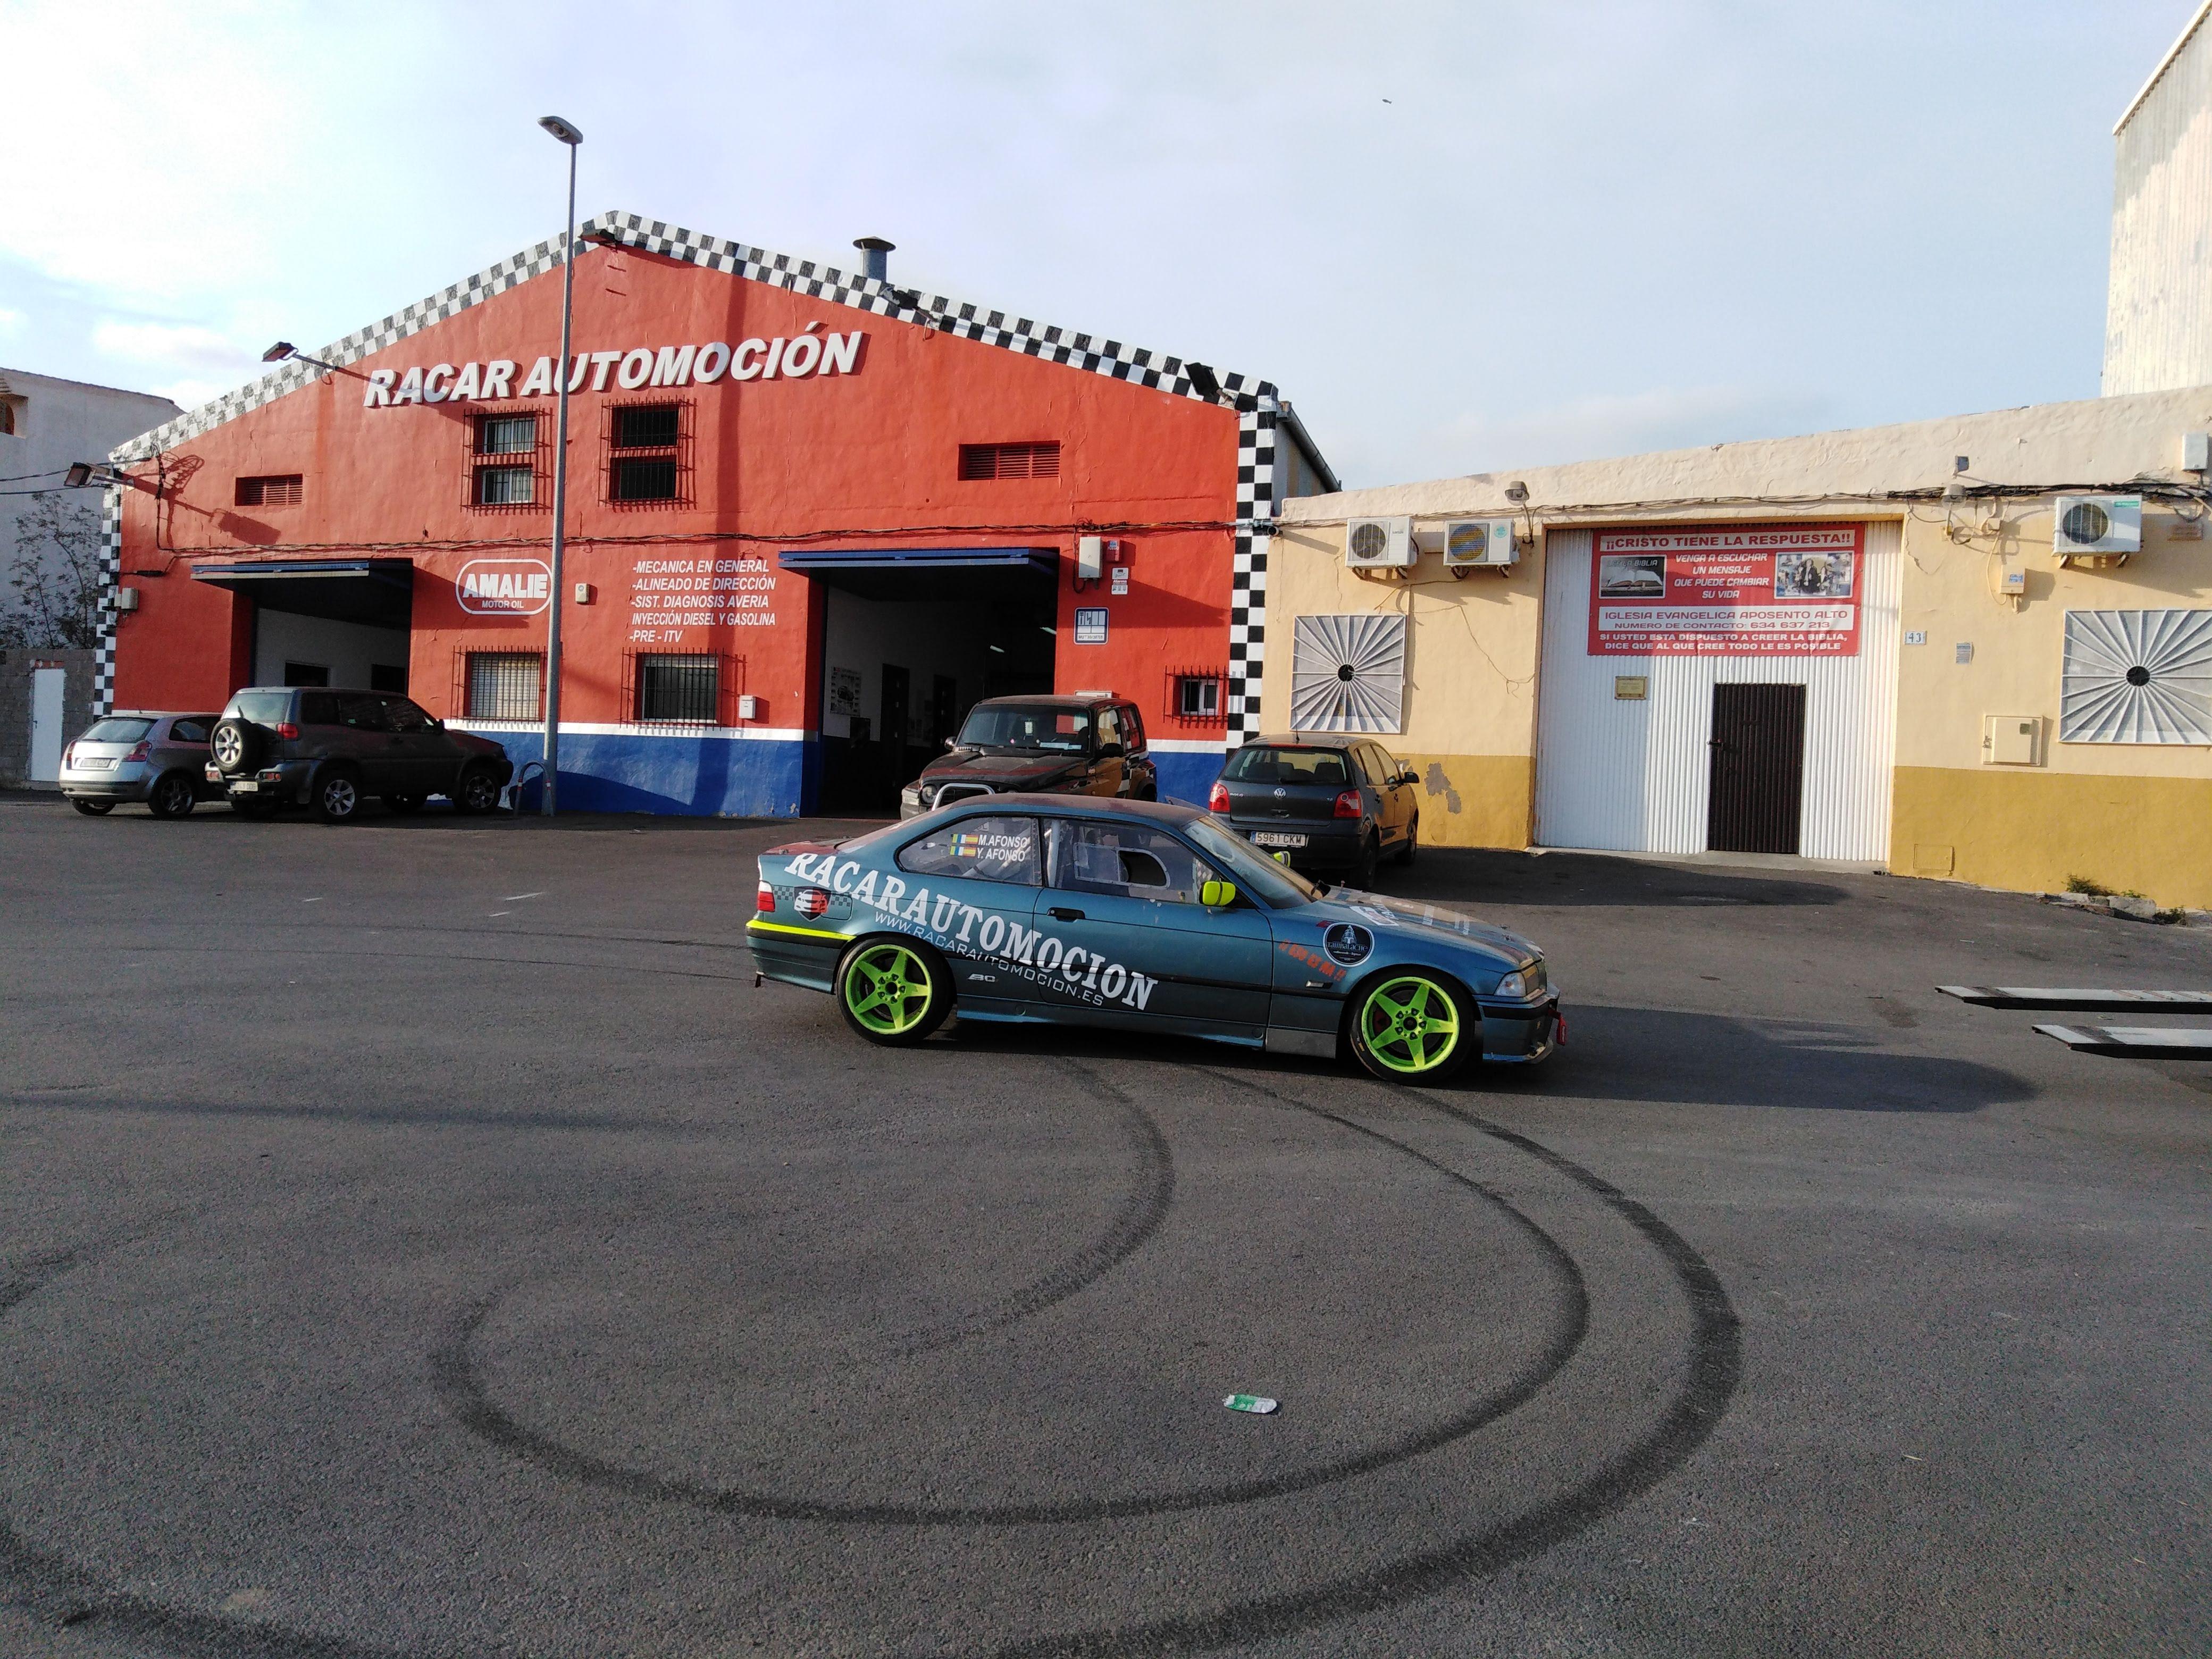   Preparación de BMW 3.28 i, para la subida a Mazarrón, 2019, con Mahy Afonso y Racar Automoción  